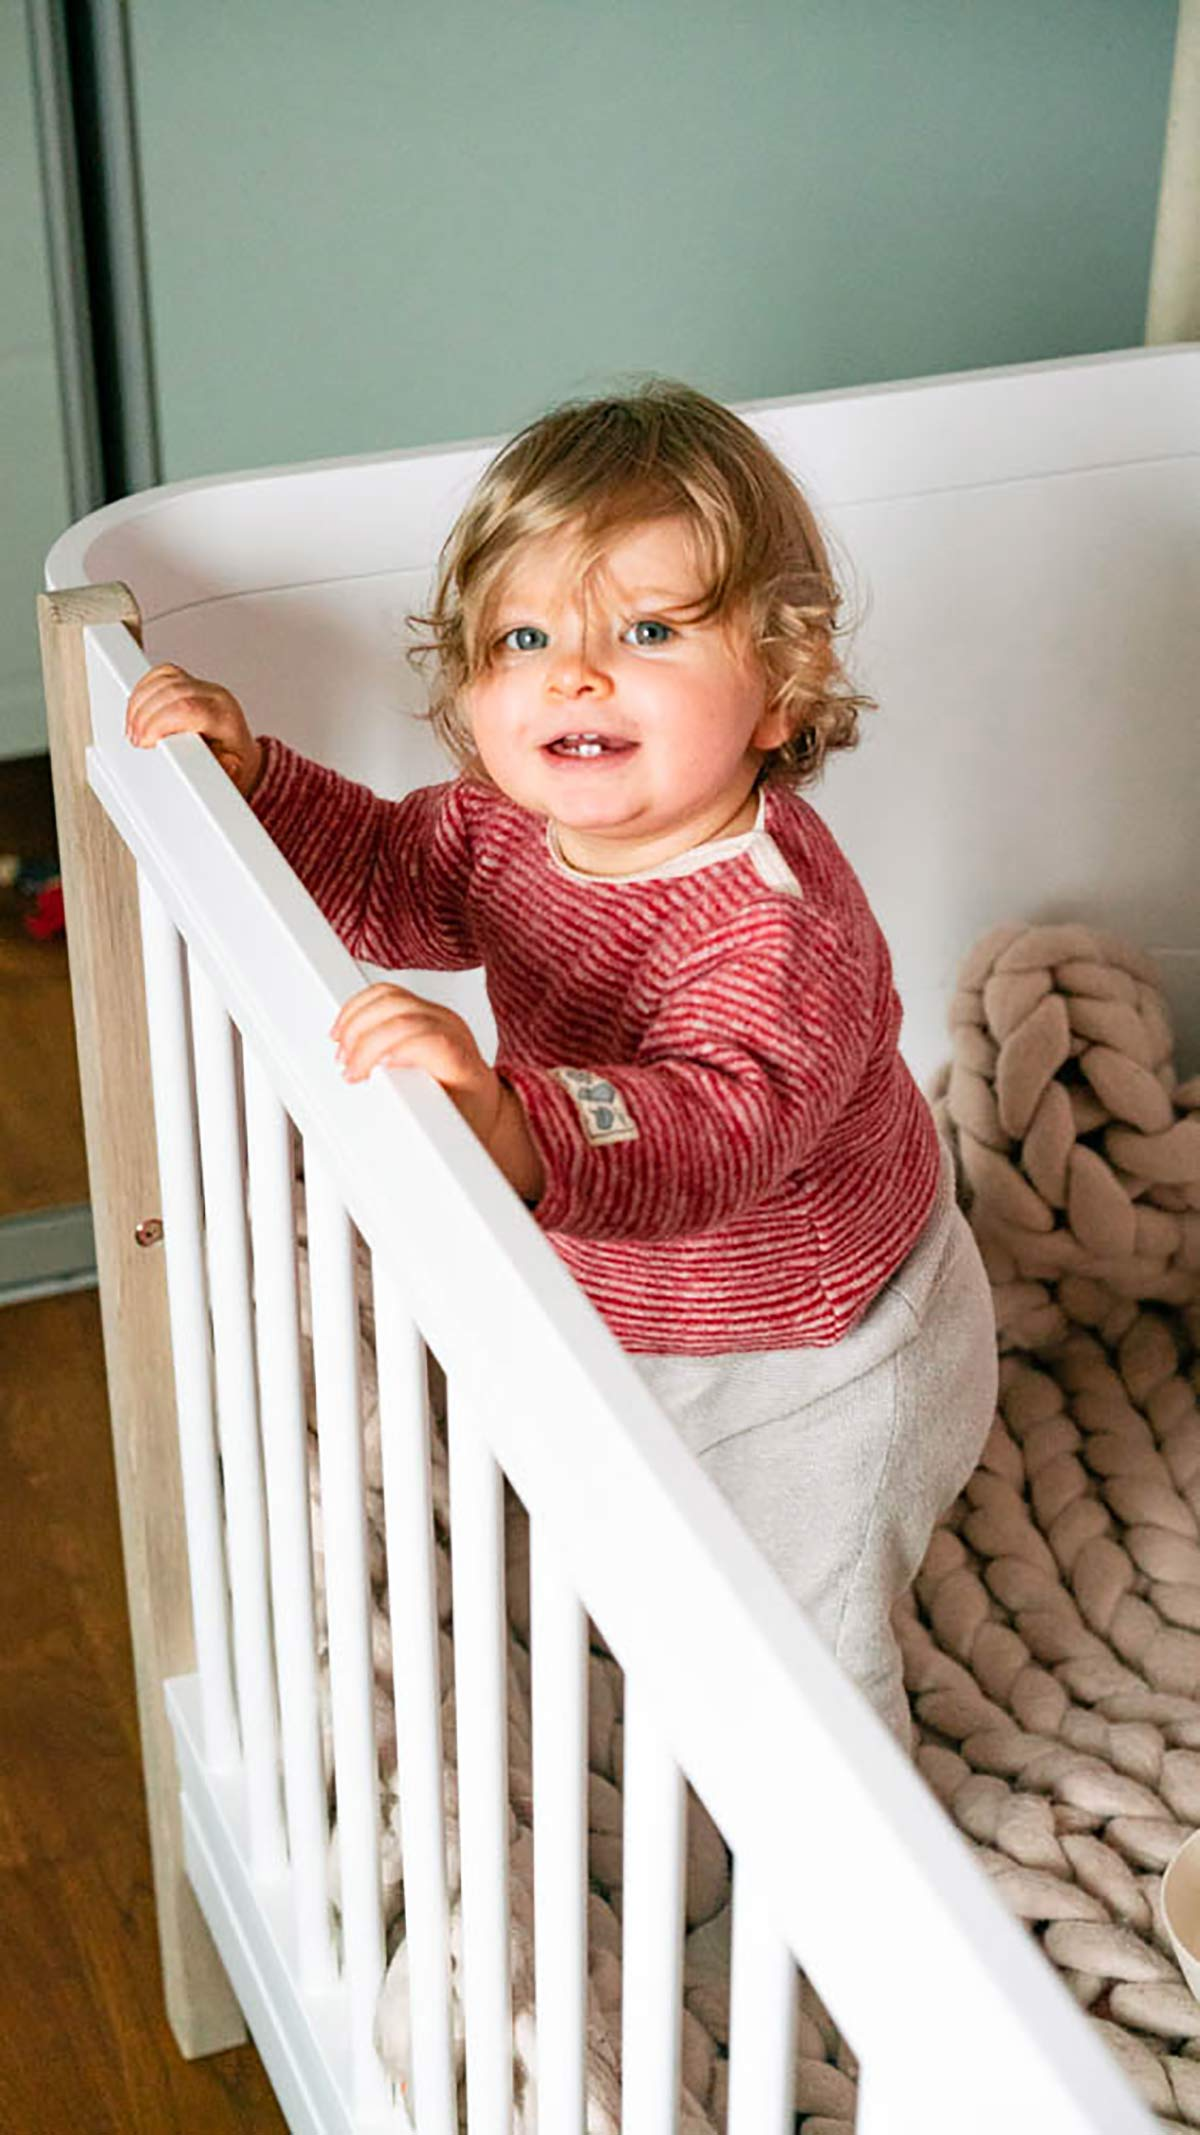 Nachhaltiges Kinderbett